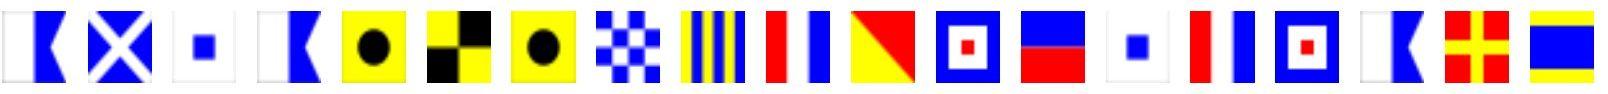 Westwards Flag Signal